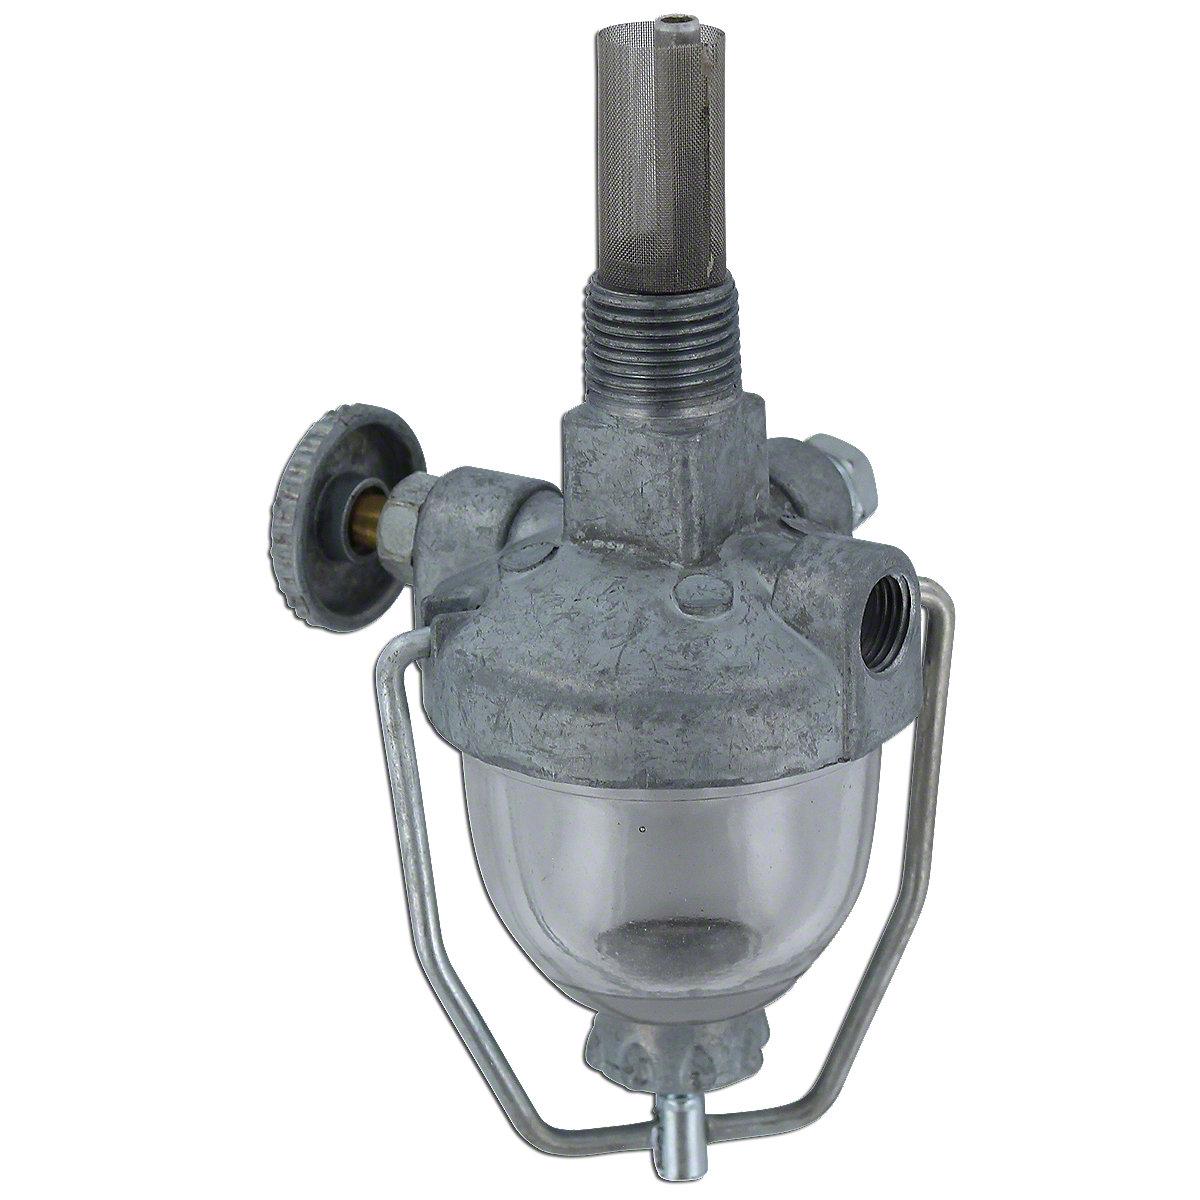 ABC038Fuel Sediment Bowl Assembly